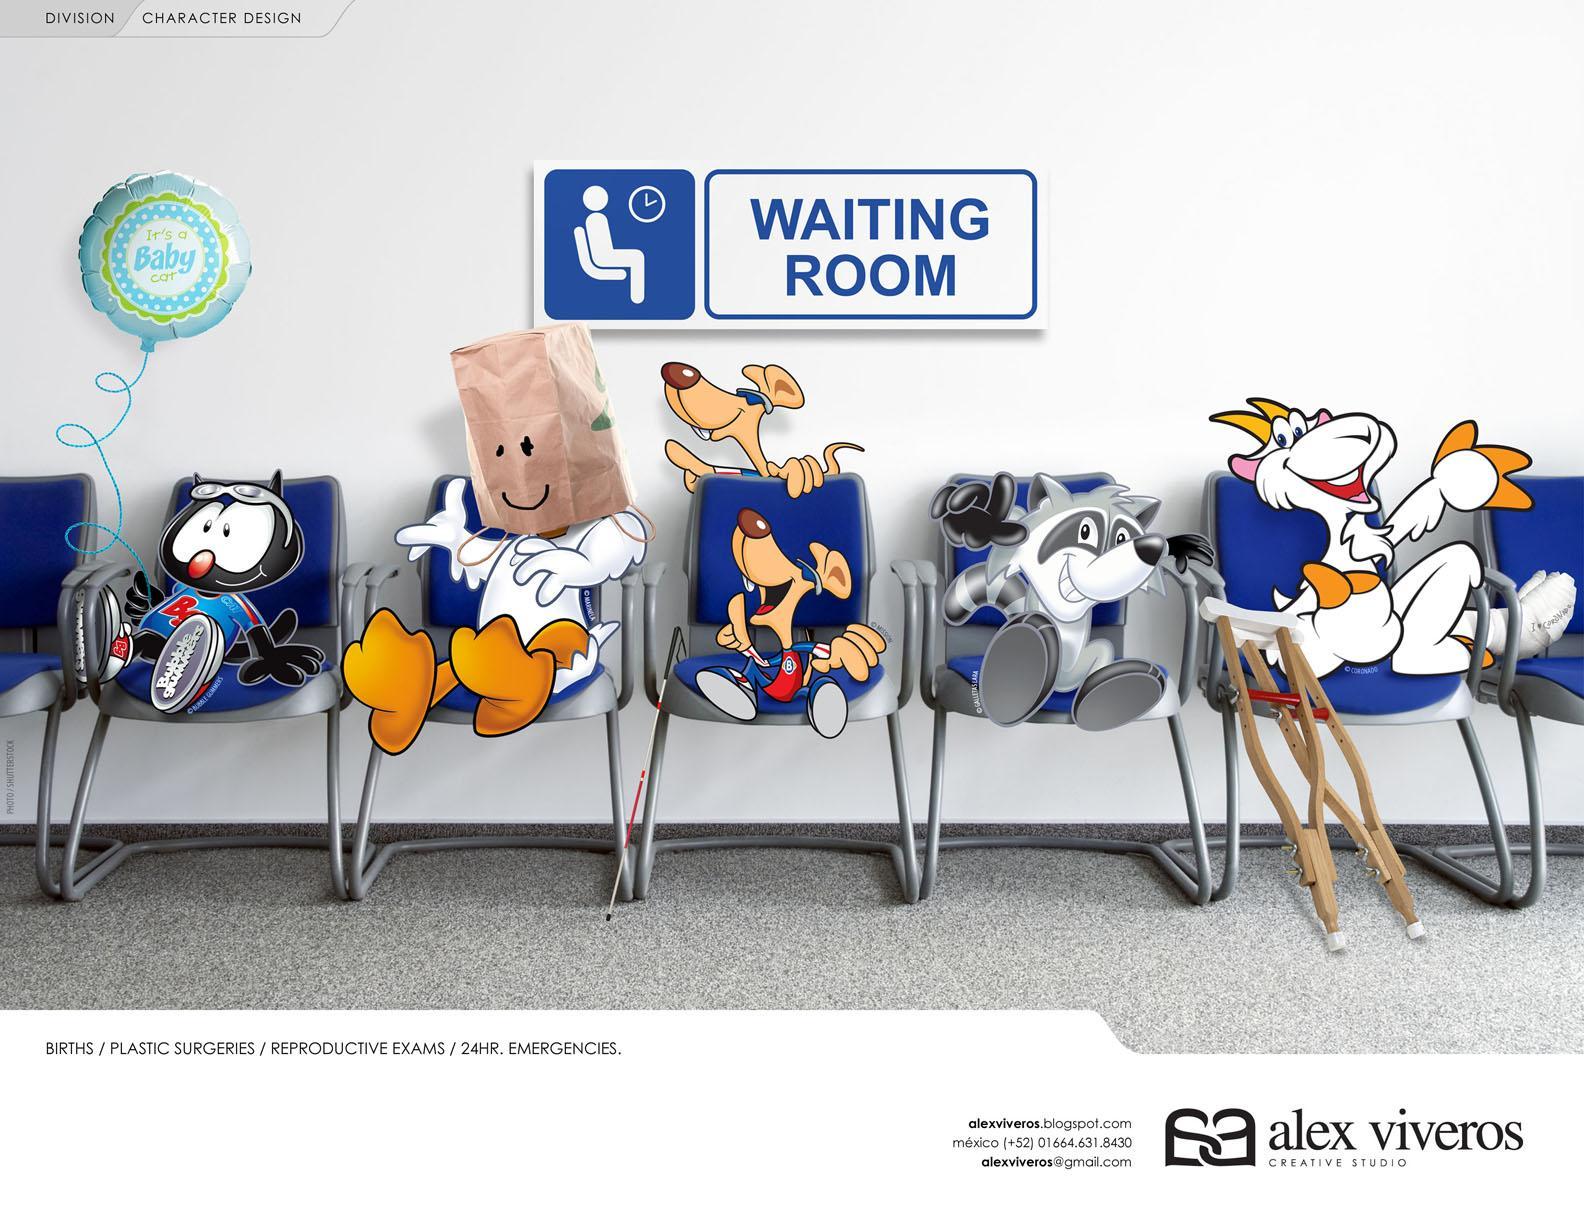 Alex Viveros Print Ad -  Character design, 1